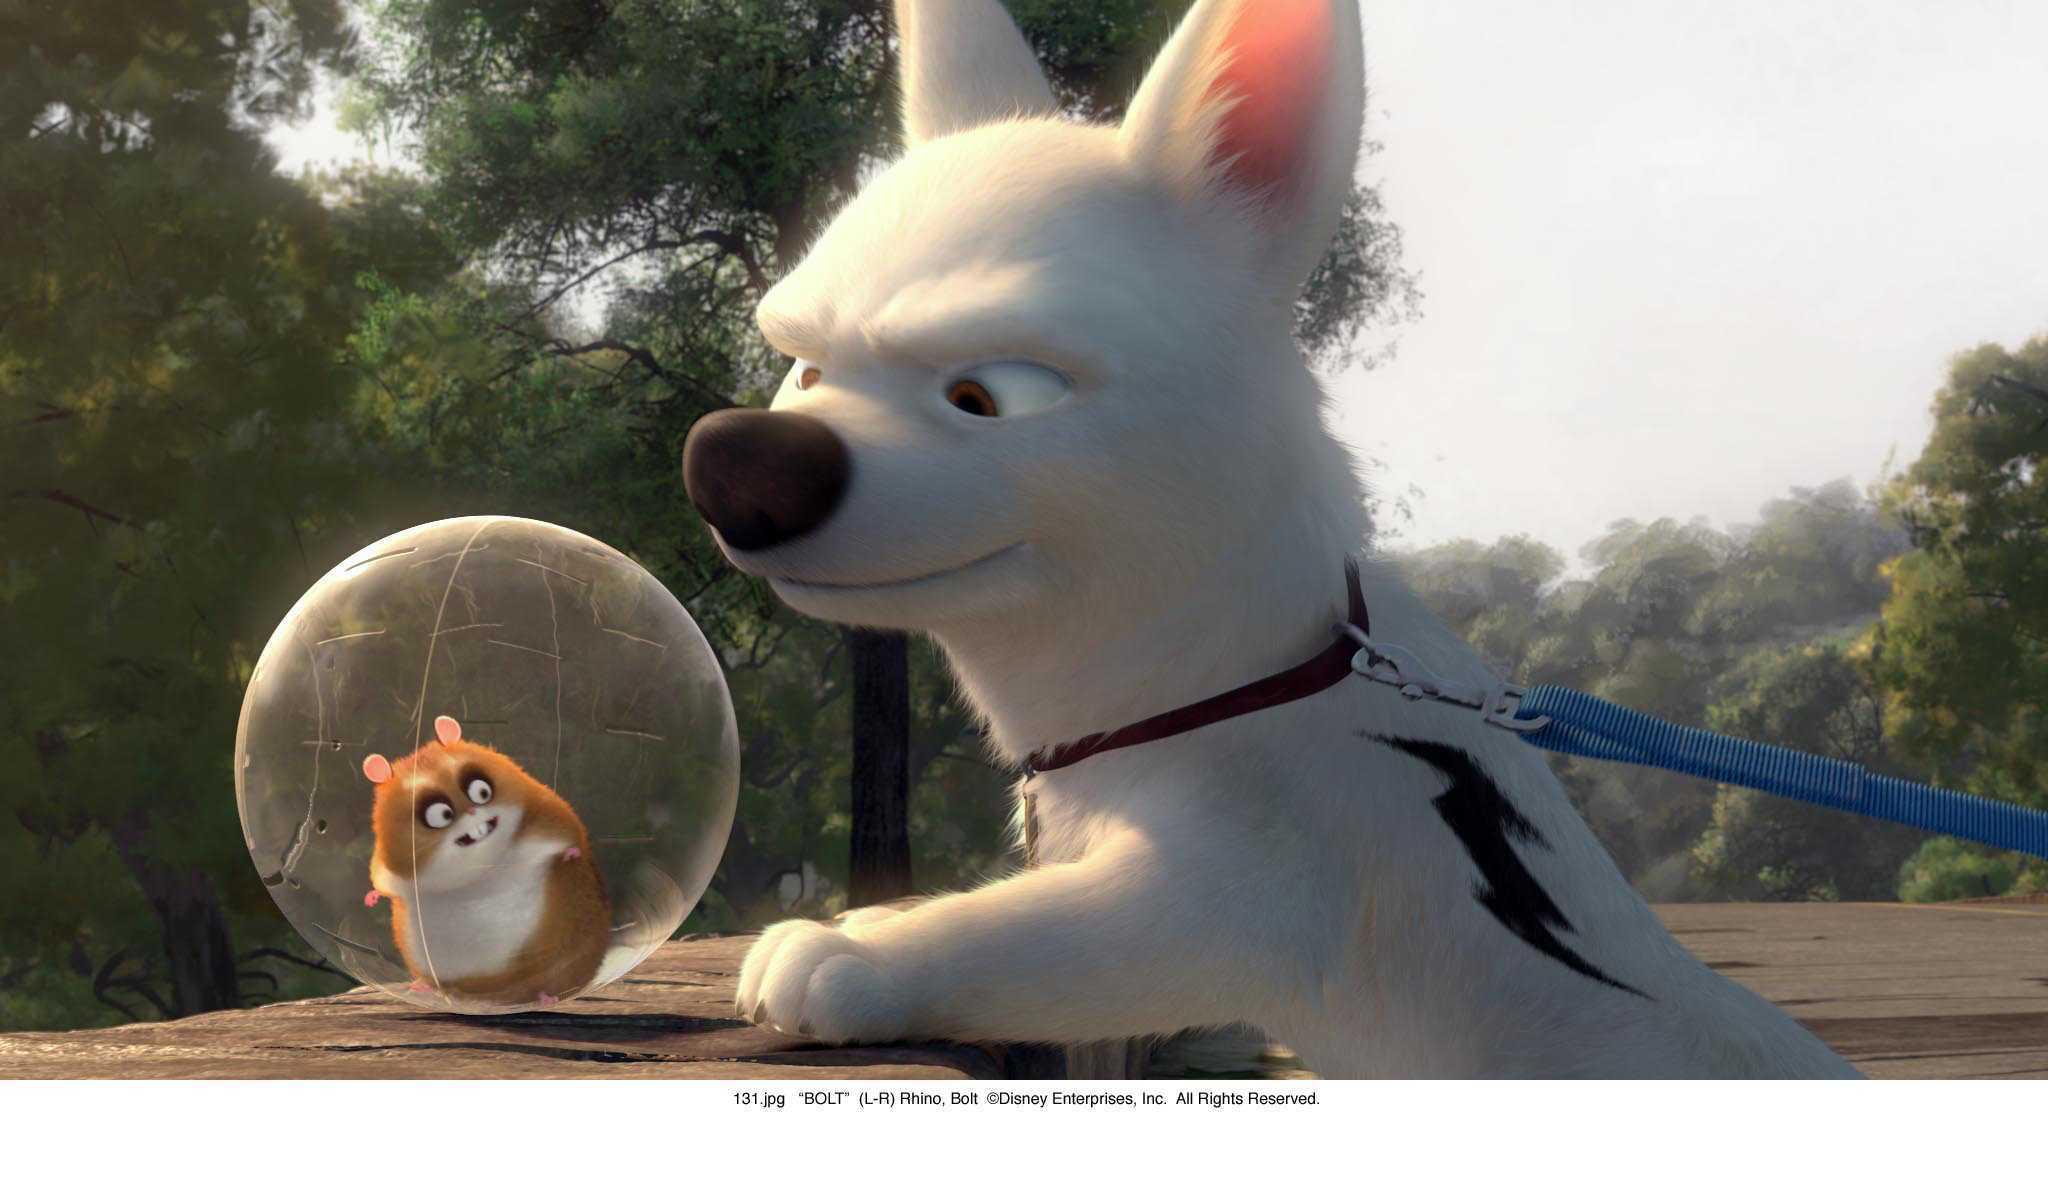 http://images2.fanpop.com/image/photos/12000000/More-Disney-Bolt-3-disneys-bolt-12089898-2048-1188.jpg